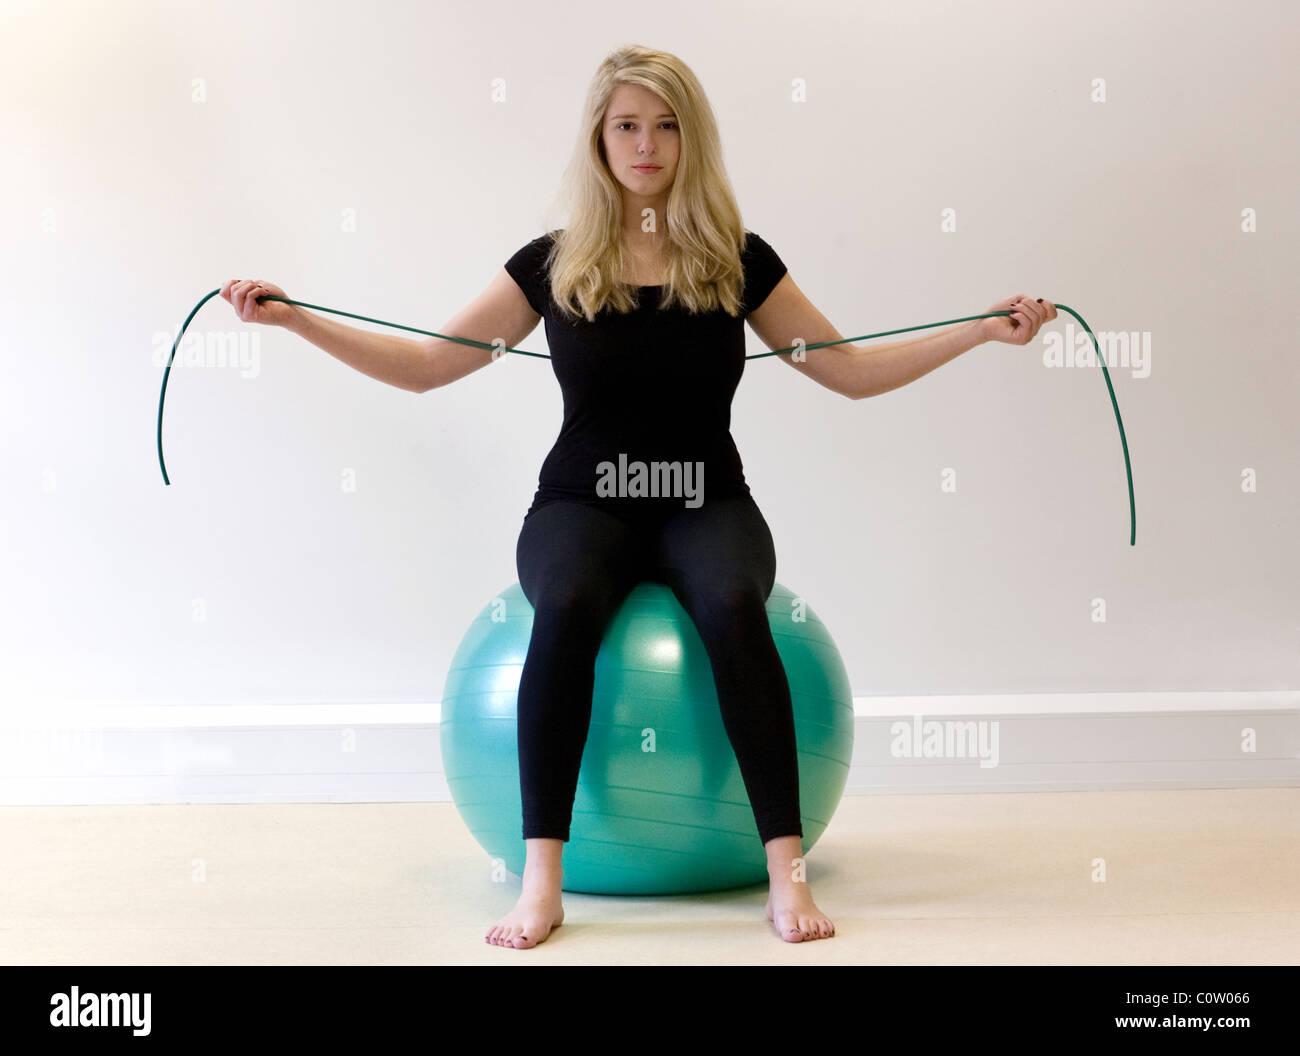 eine blonde teenager m dchen pilates bungen mit einem gymnastikball und eine elastische